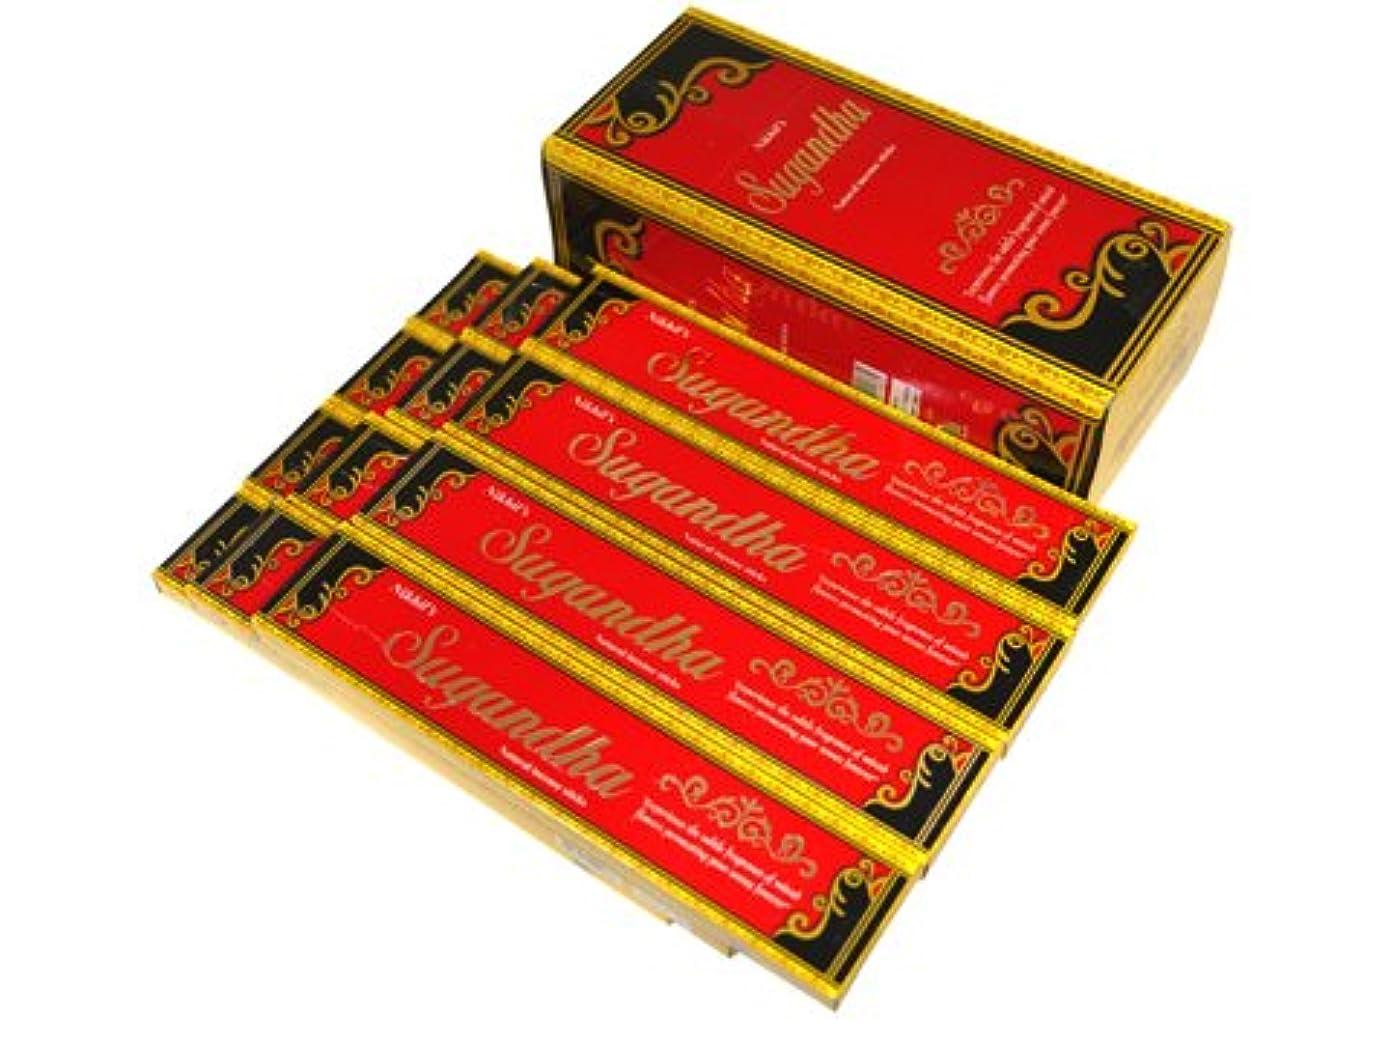 ロック解除ノイズ驚くばかりNIKHIL'S(ニキルズ) SUGANDHA スガンダ香 スティック 12箱セット